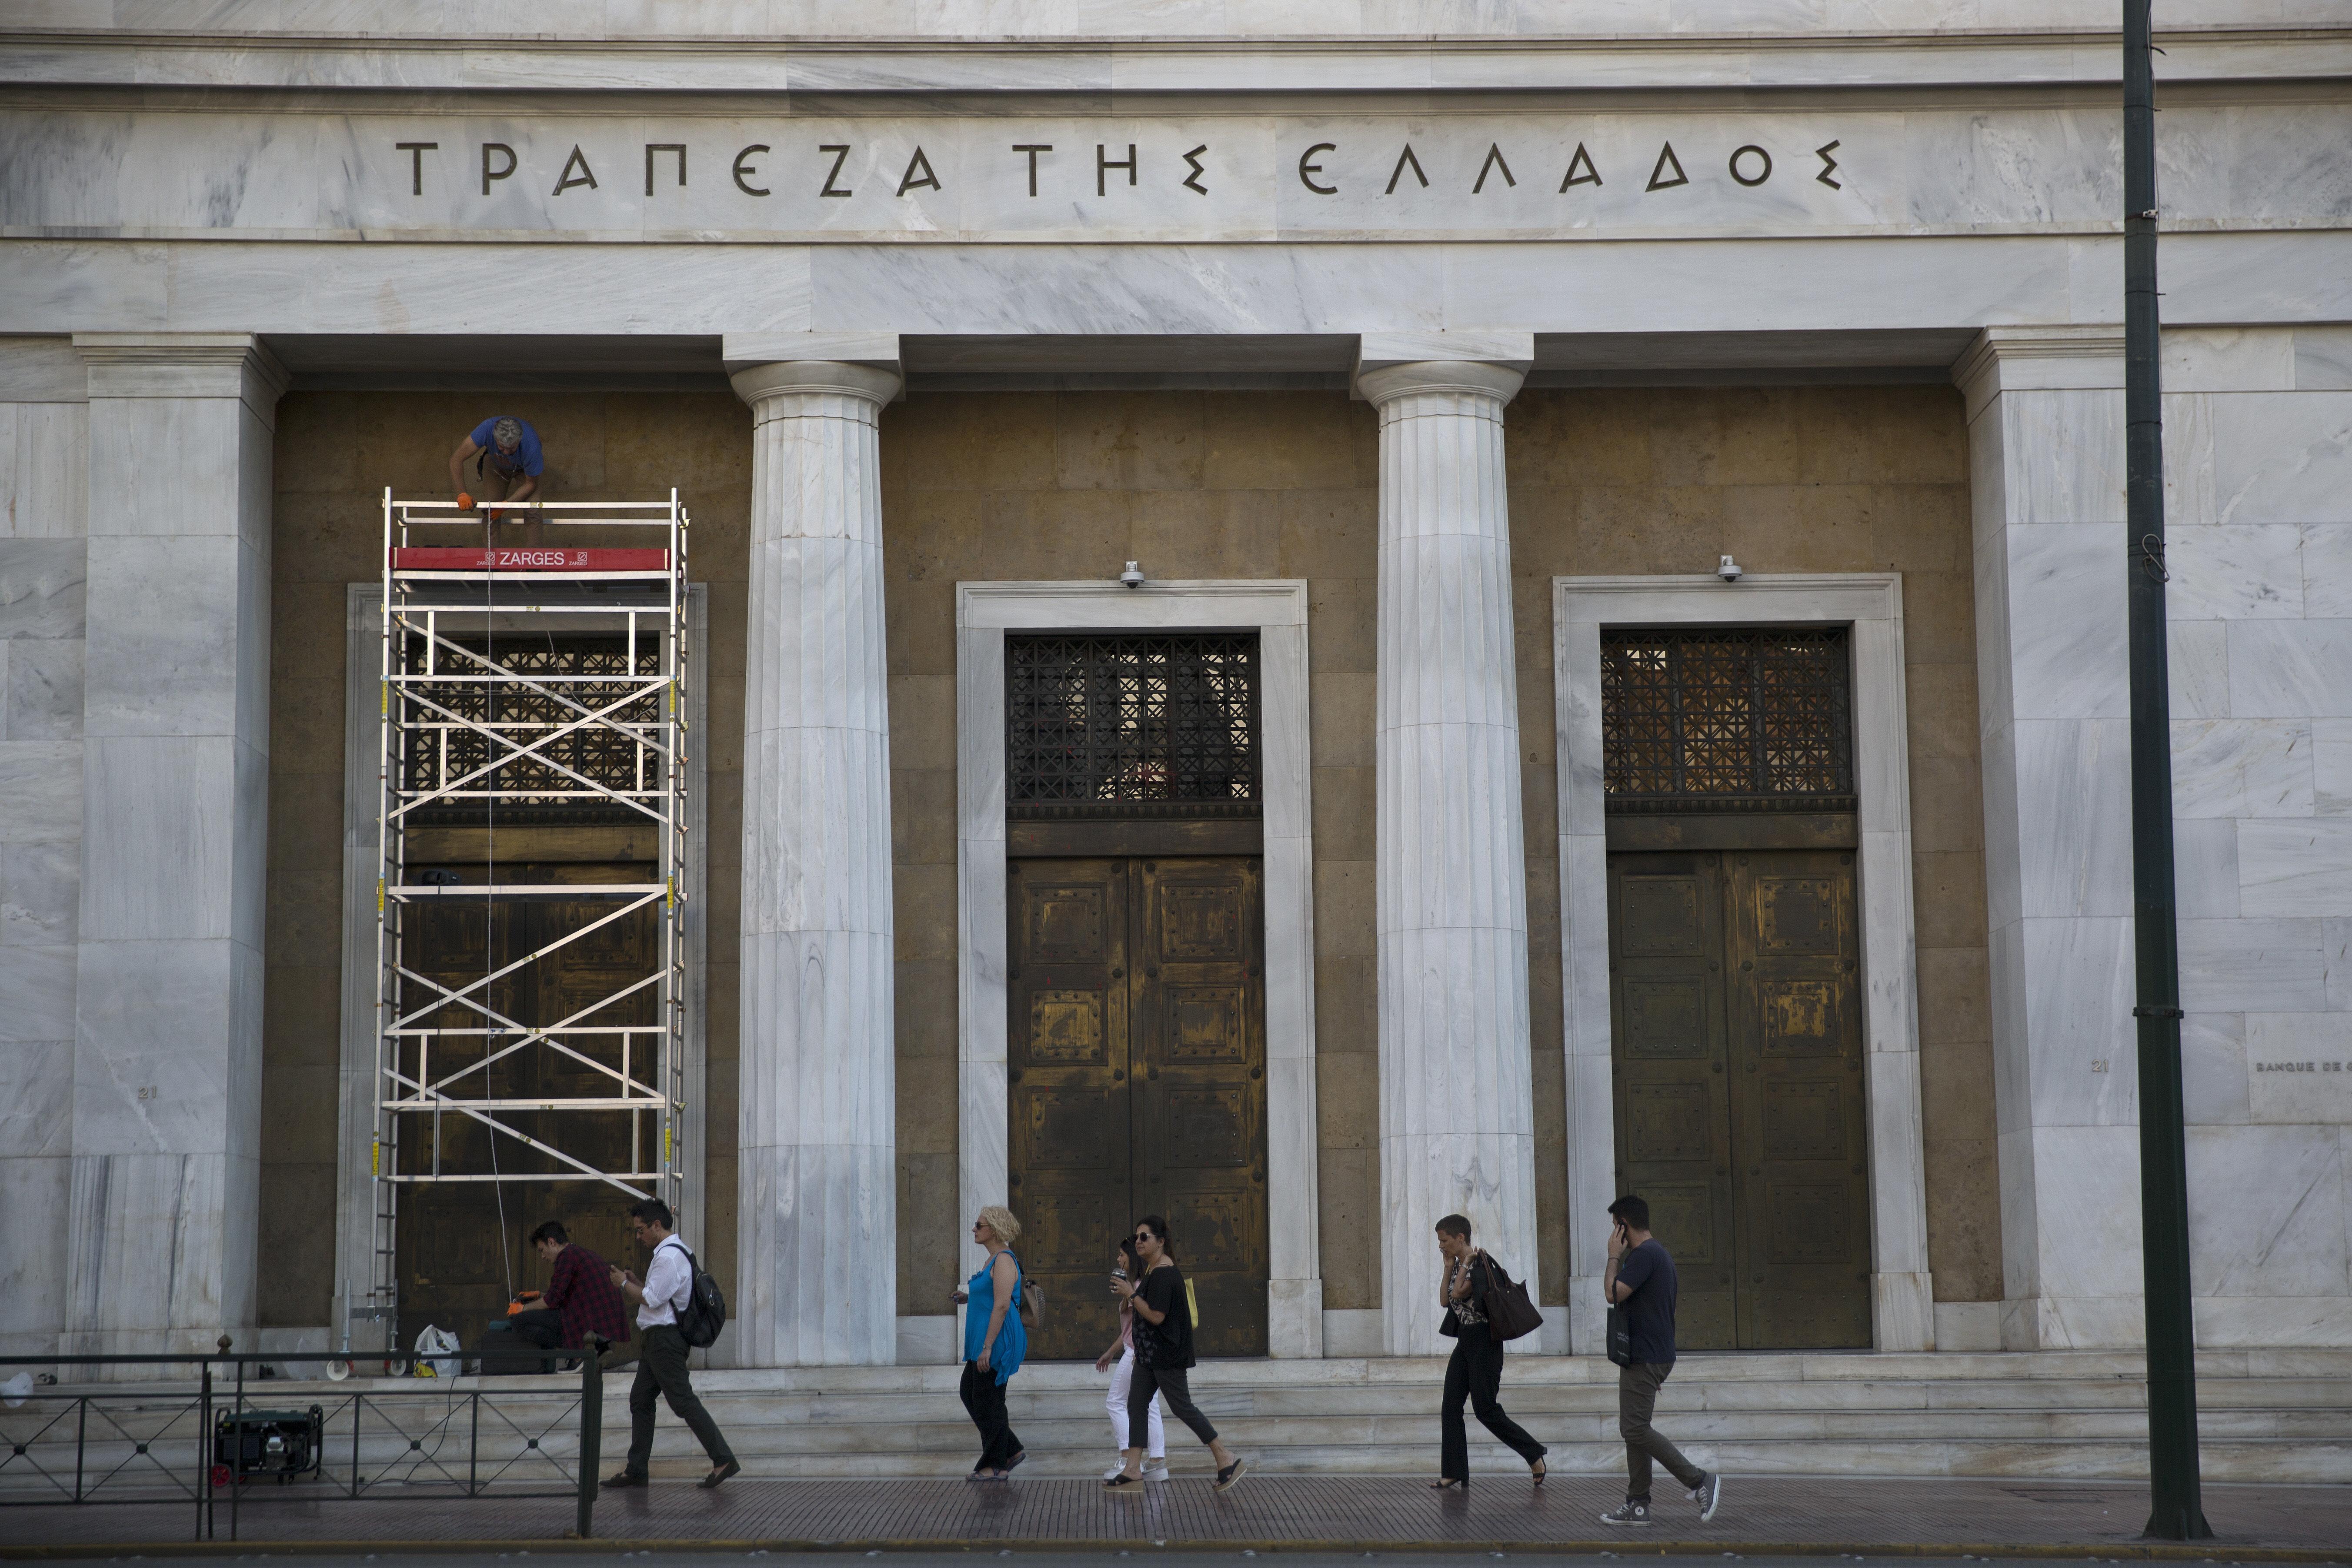 Τράπεζες: Αλλάζει το ωράριο από τις 2